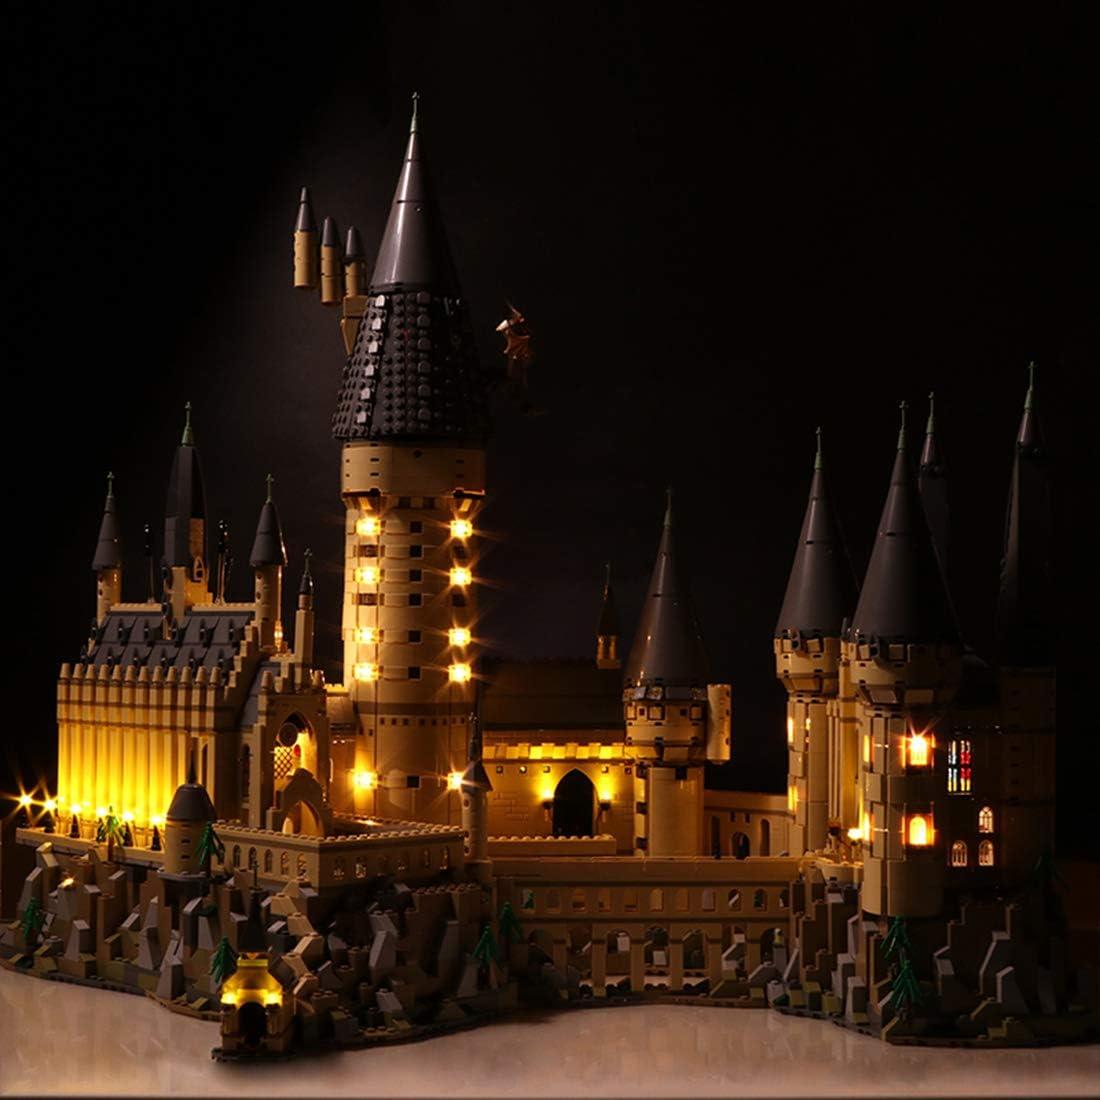 Searchyou Luz LED Light Set Compatible con Lego 71043 - Harry Potter TM-Castillo de Hogwarts, maqueta de Juguete para Construir la Escuela de magía (No Incluye el Modelo de Lego)